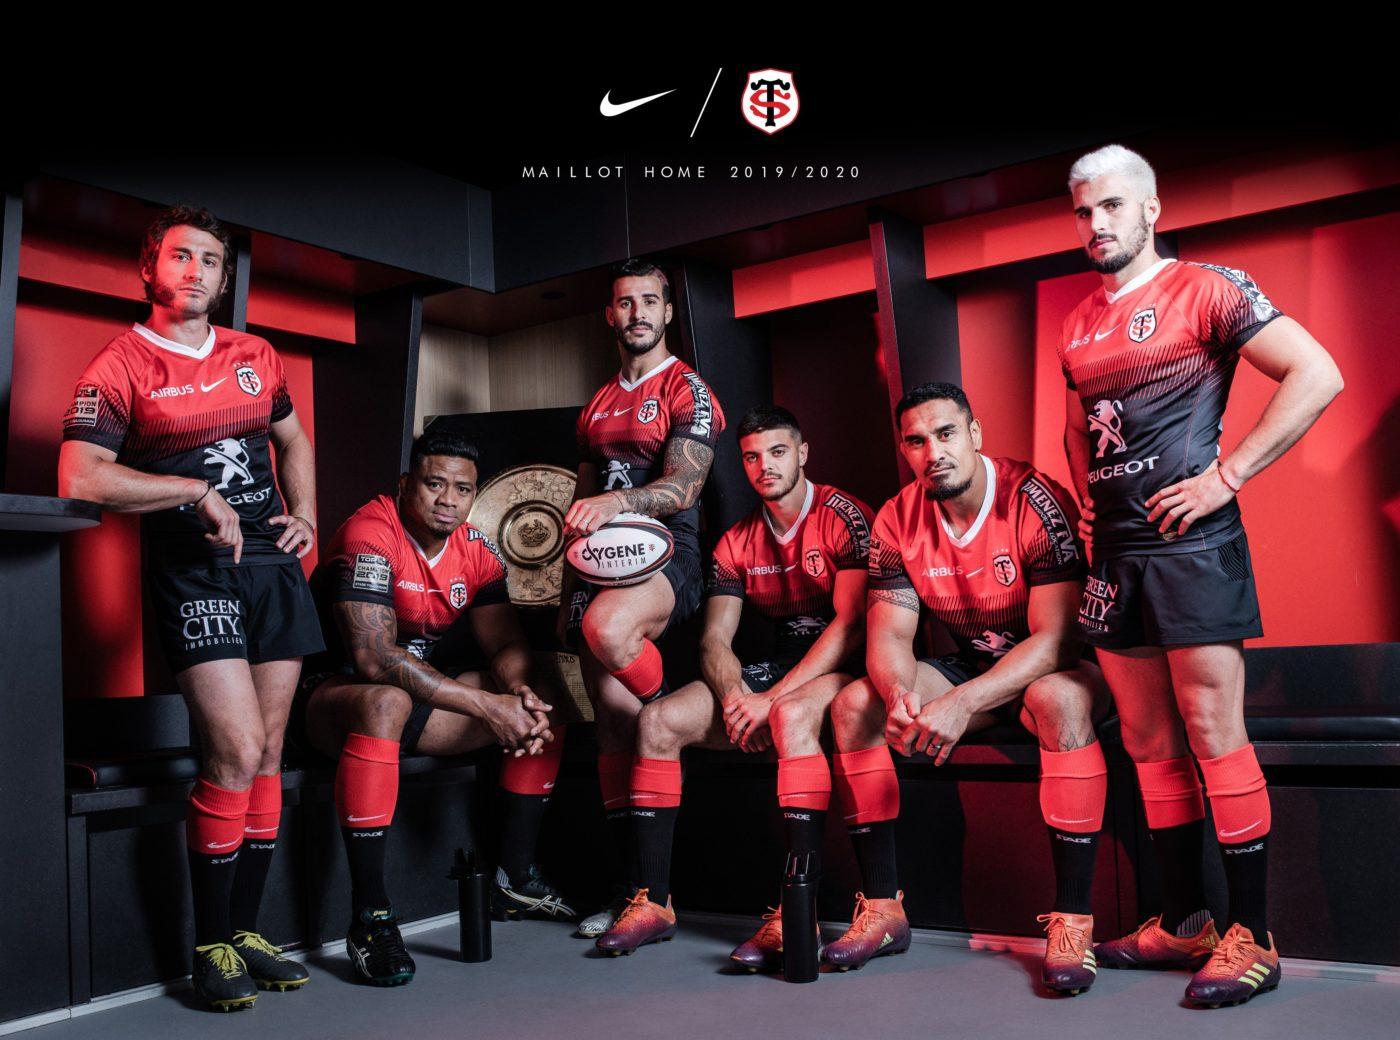 Rugby Nike prolonge son contrat équipementier avec le